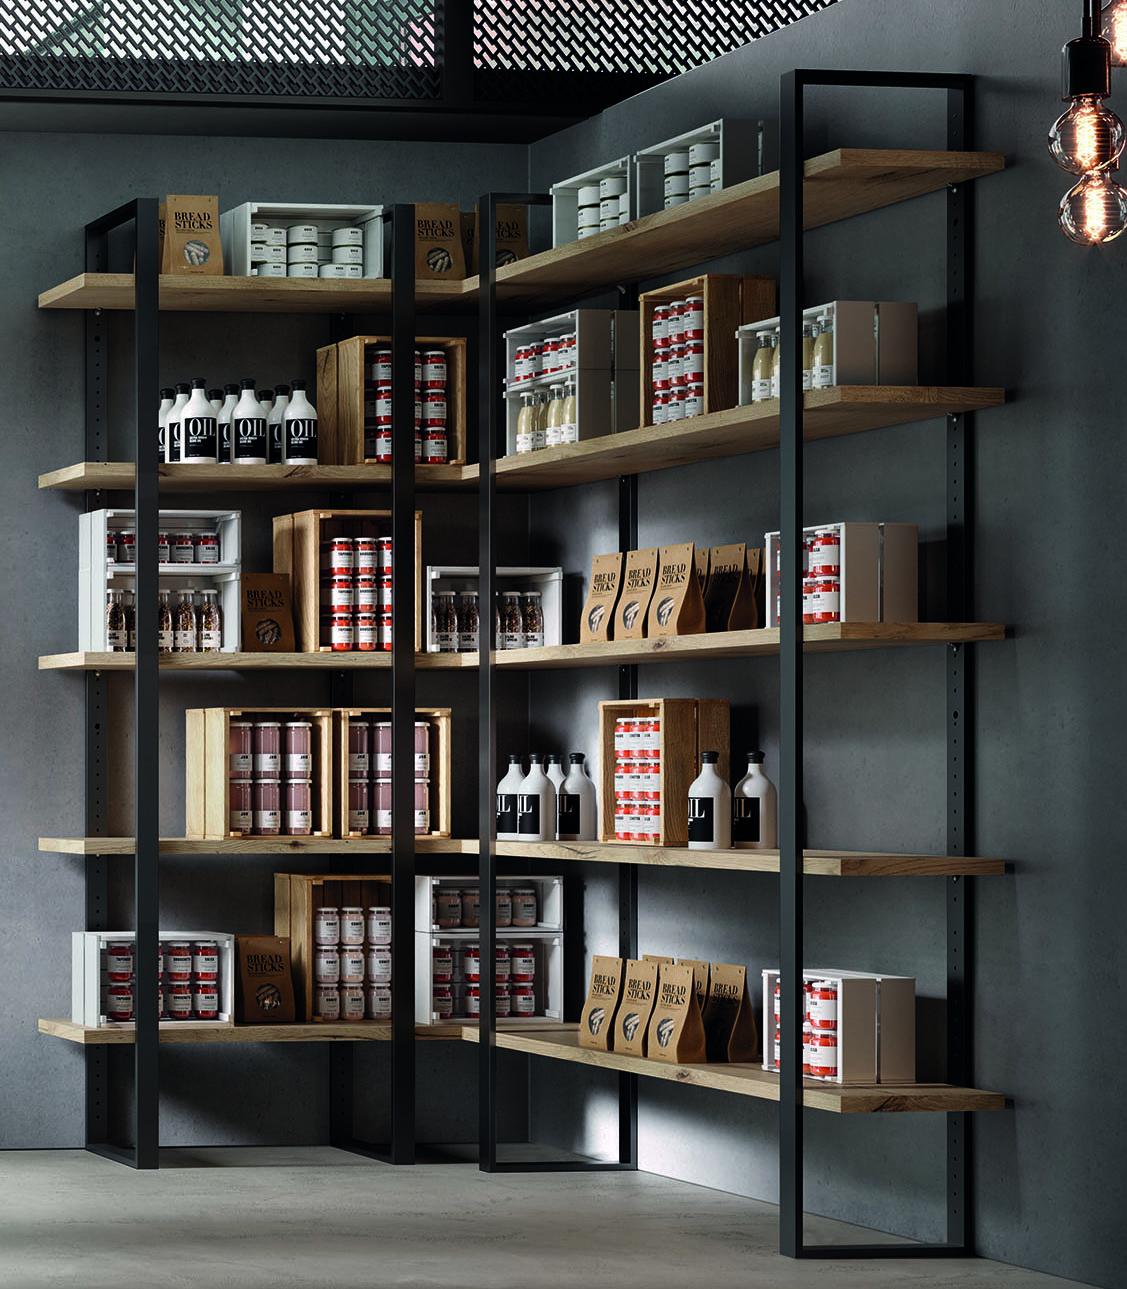 libreria componibile industrial dispensa cucina negozio